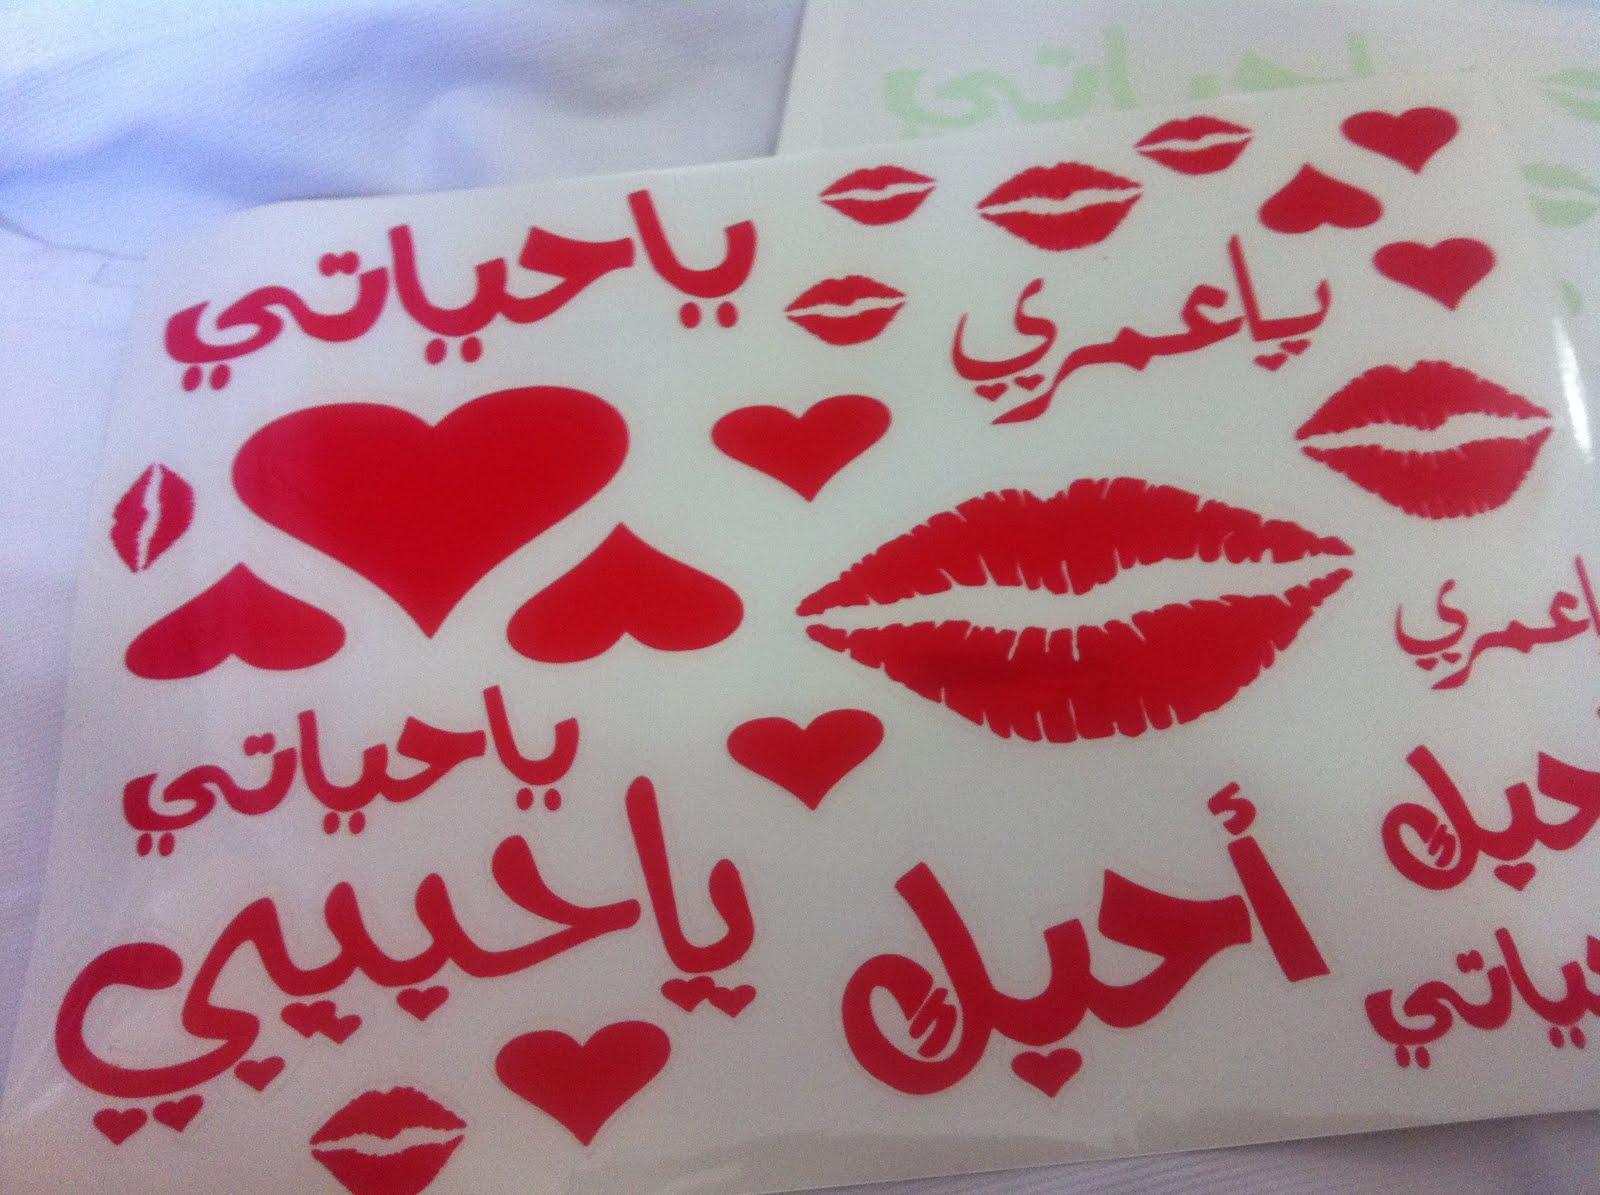 بالصور كلمات روعه عن الحب , اجمل رسائل الحب 3459 9